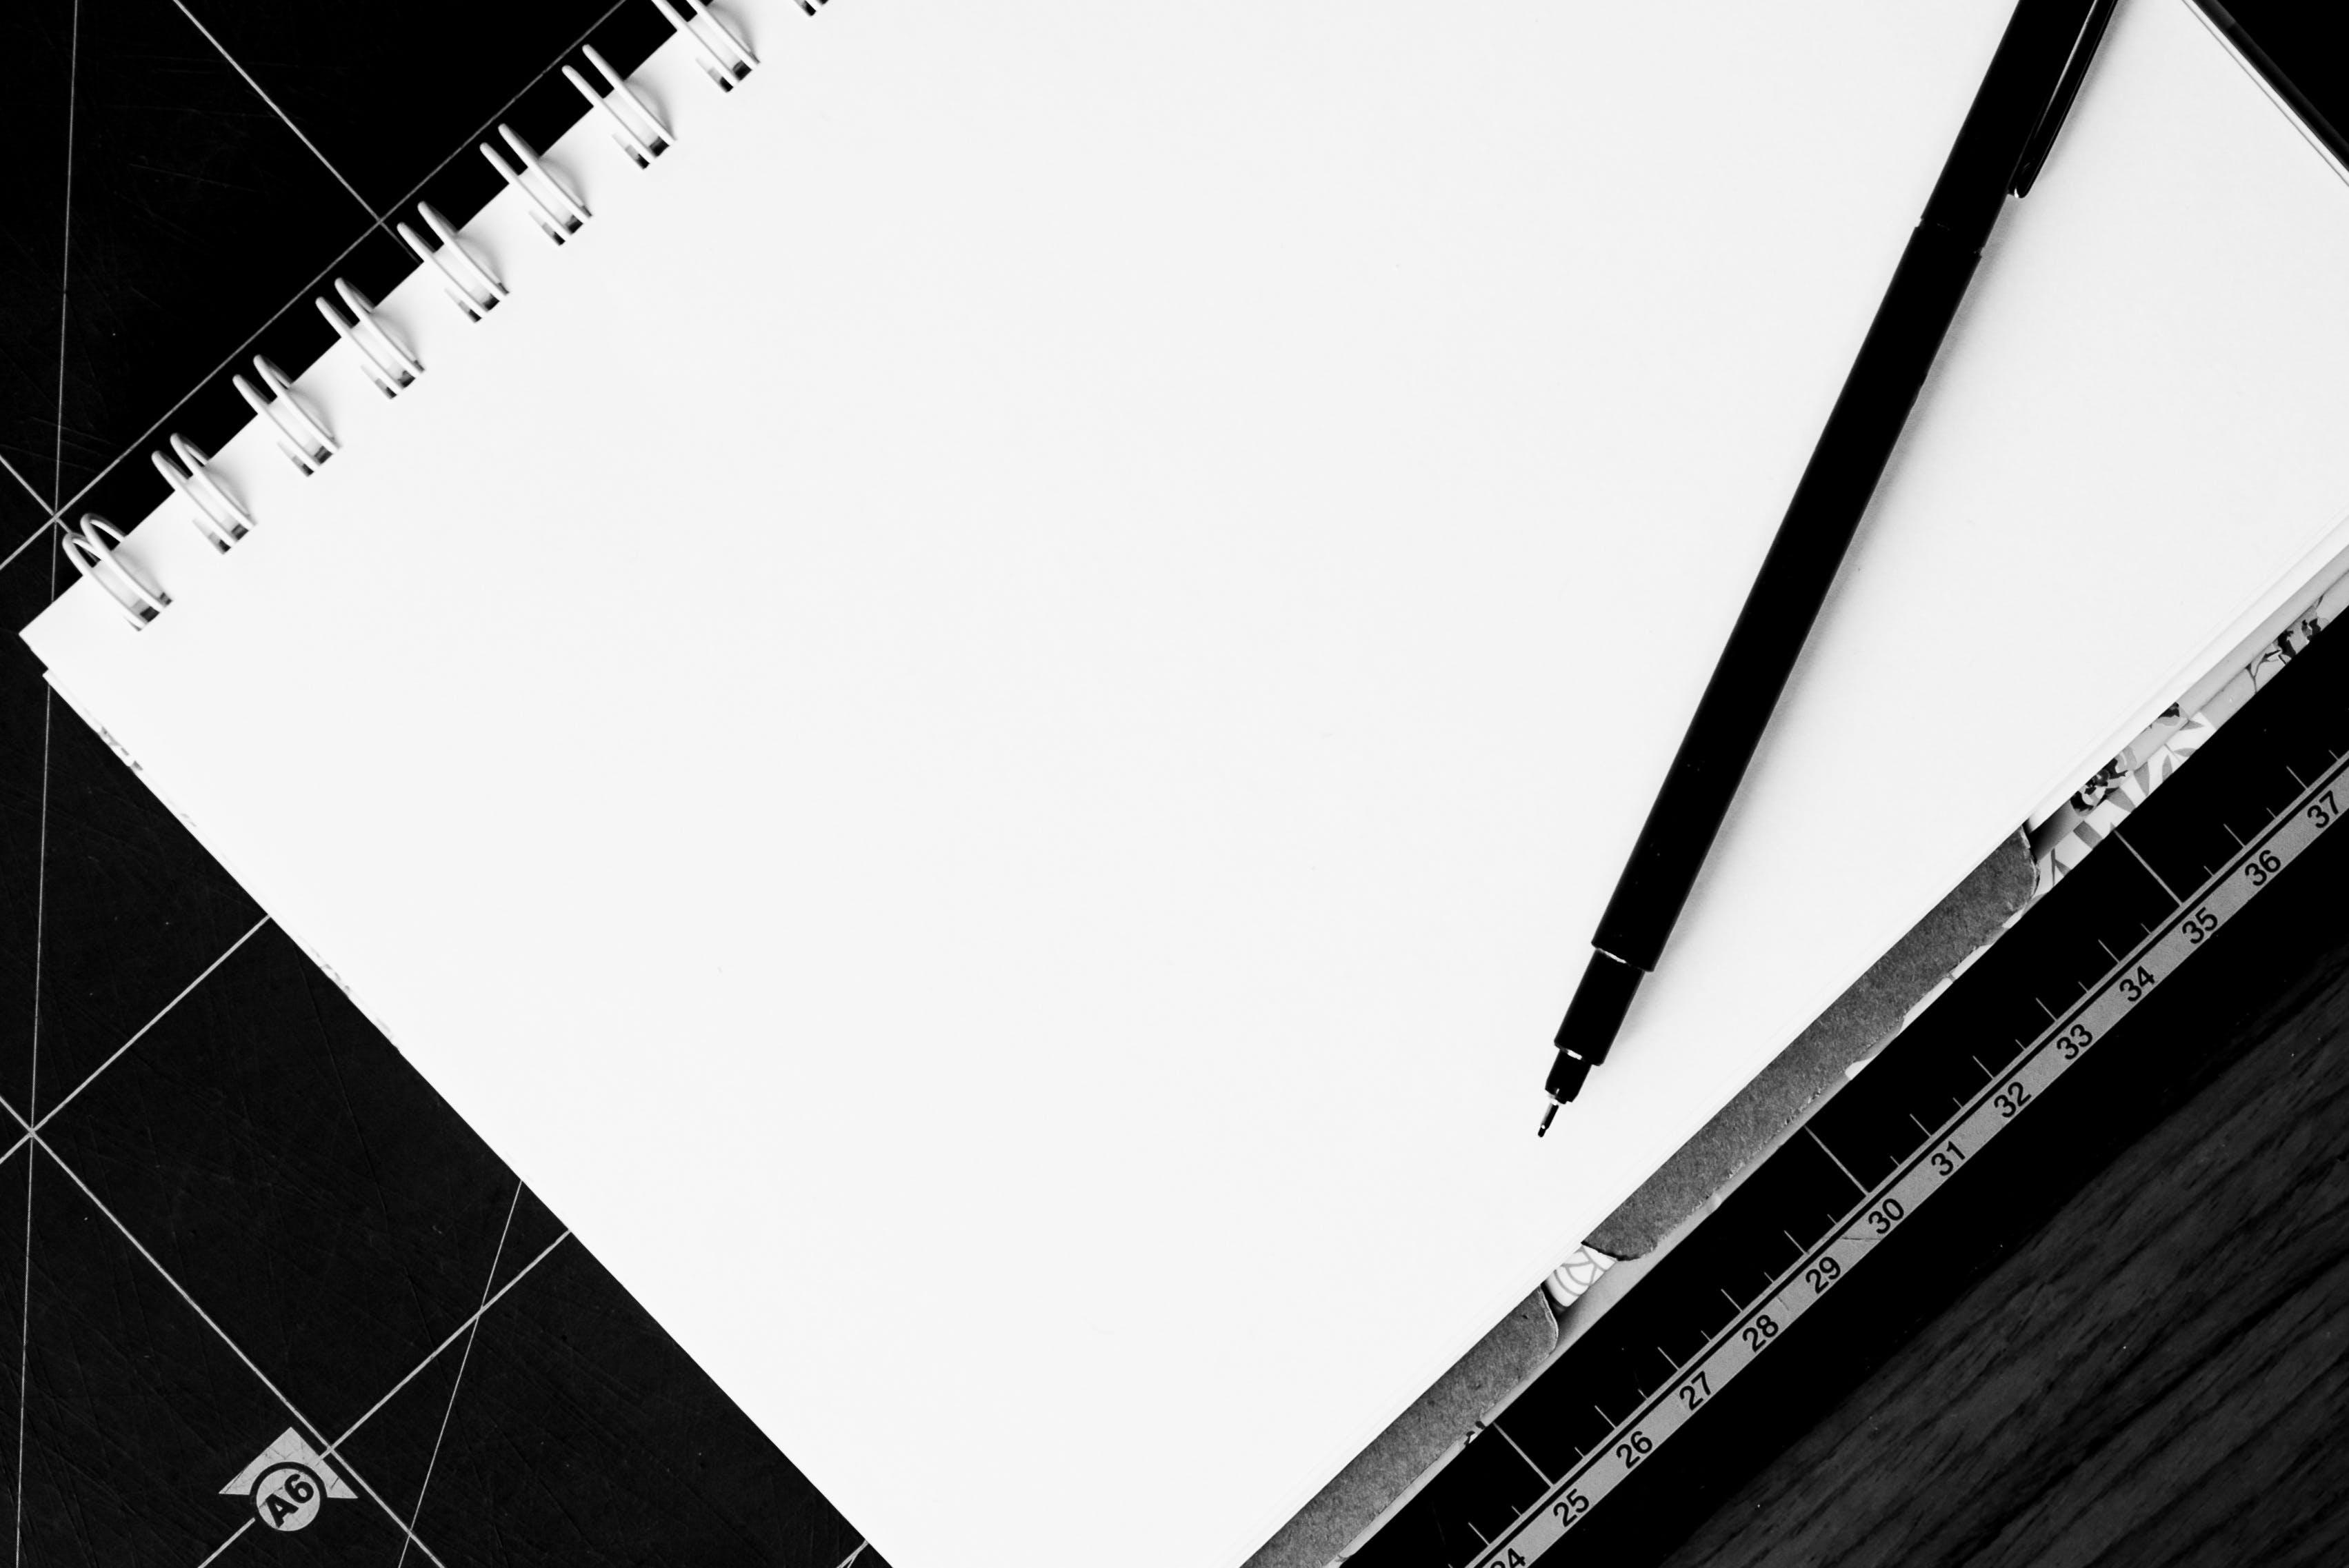 Kostnadsfri bild av anteckningsblock, anteckningsbok, penna, skrift